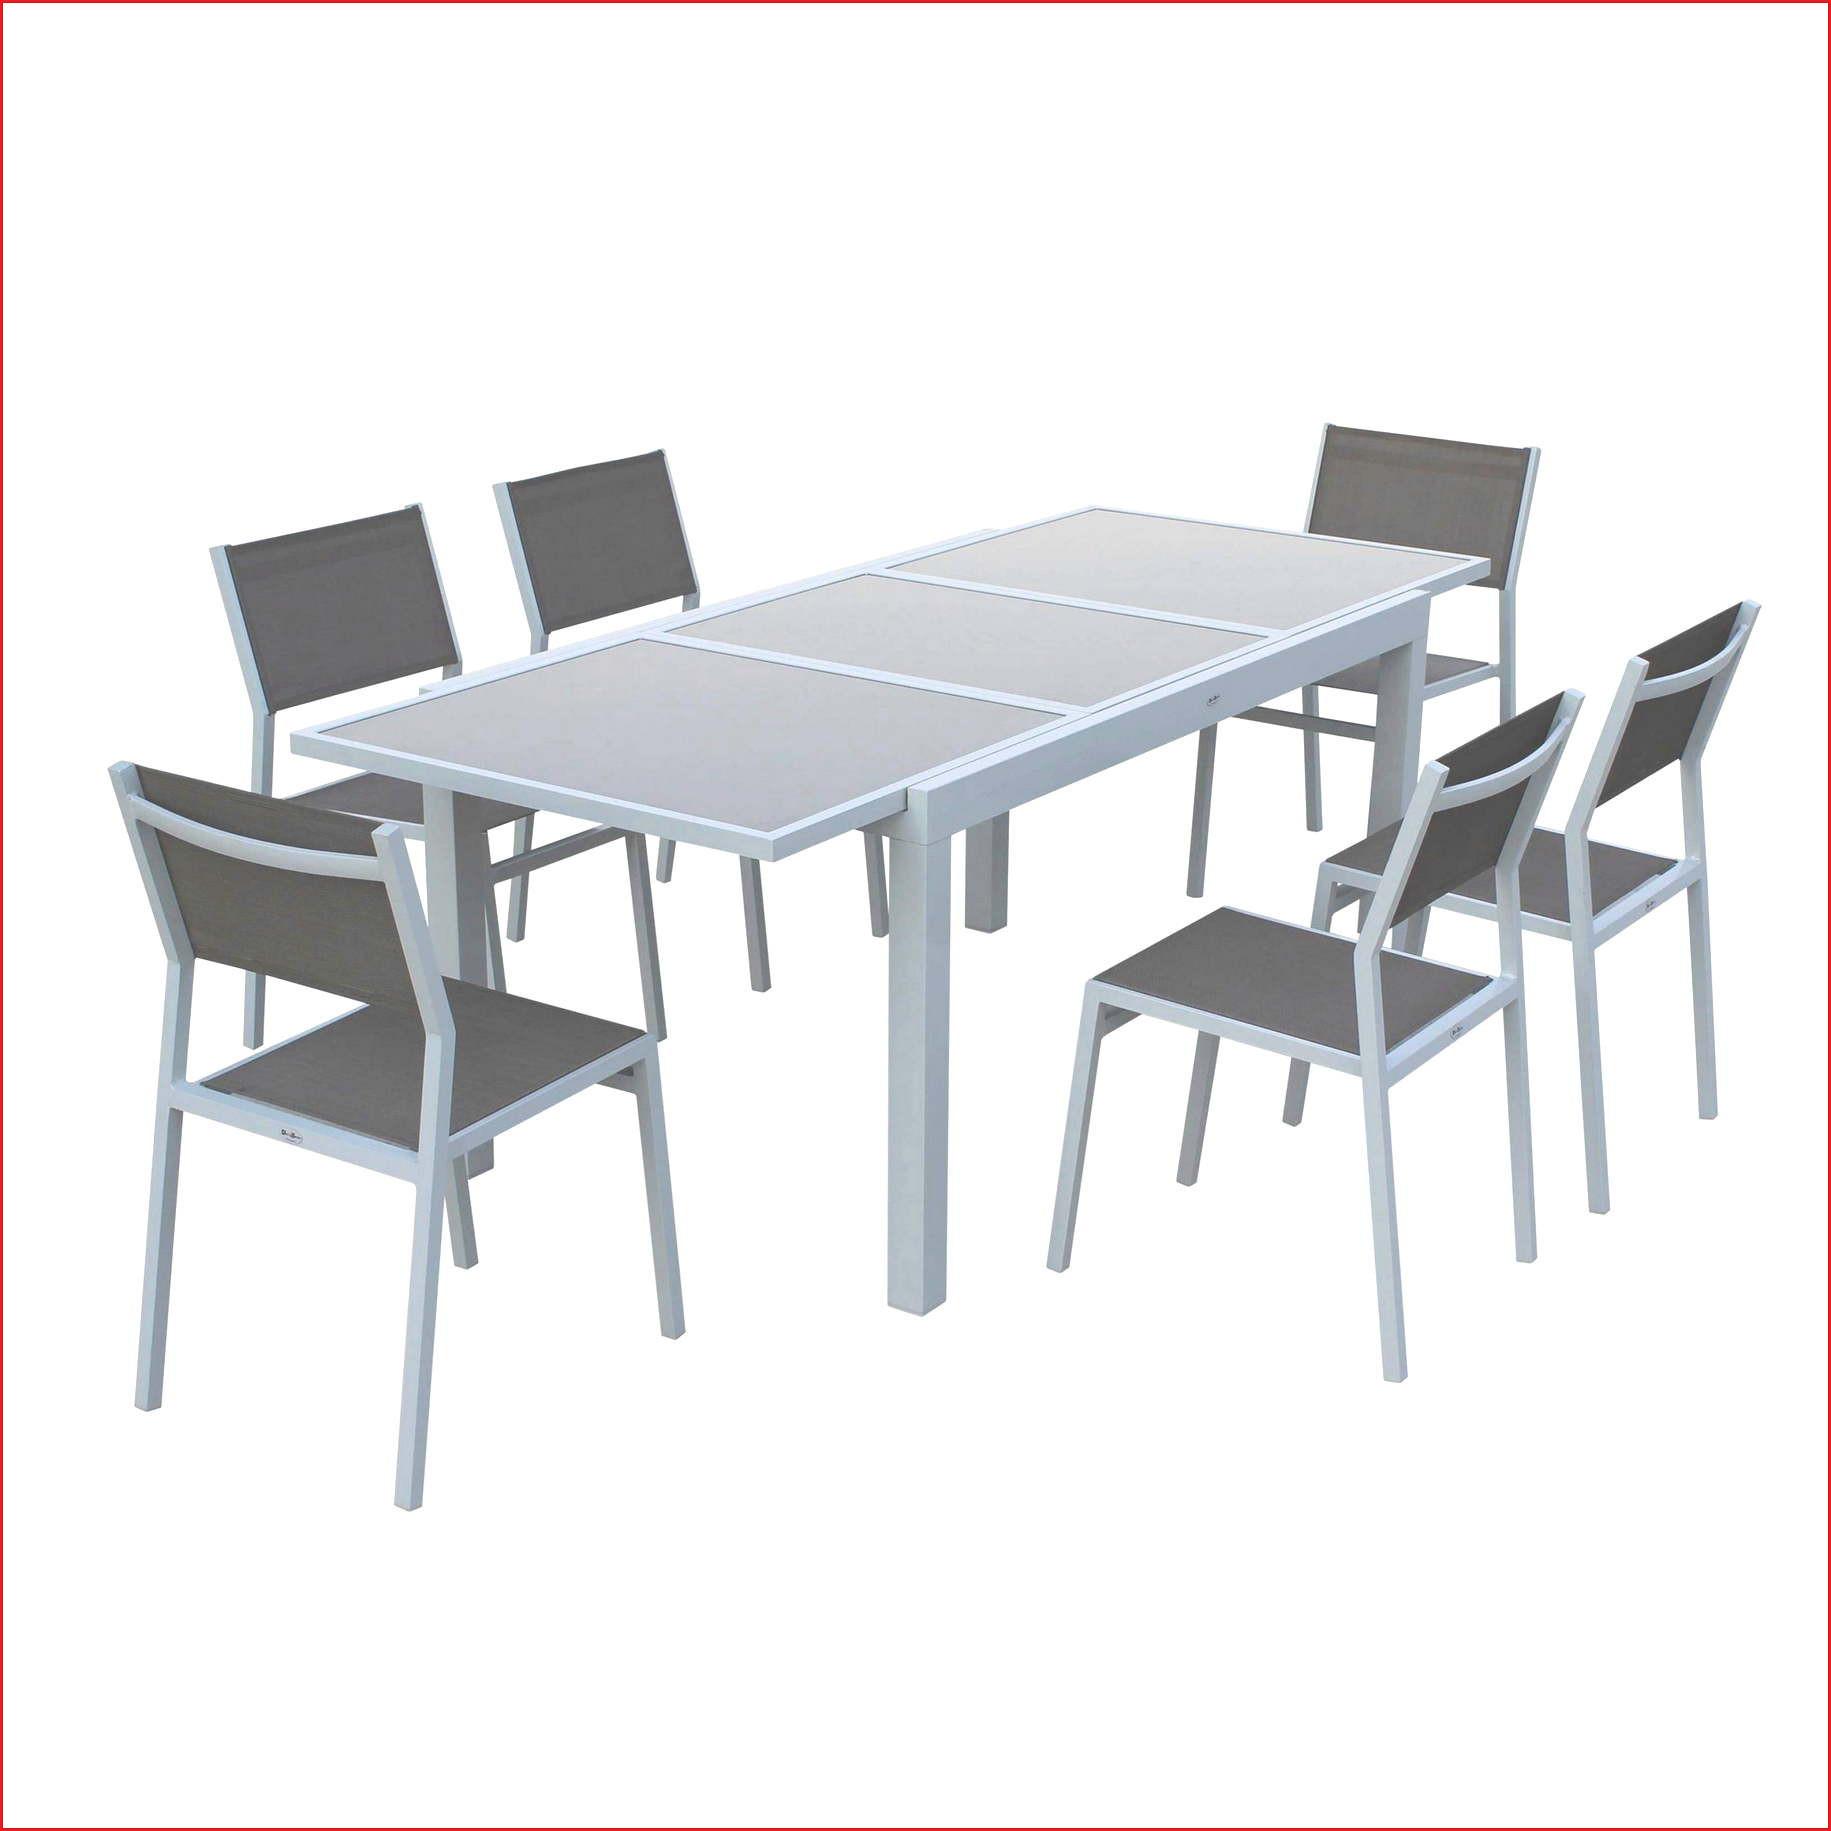 Table Et Chaise De Jardin Castorama Beau Jardin Archives ... destiné Salon De Jardin Pas Cher Castorama